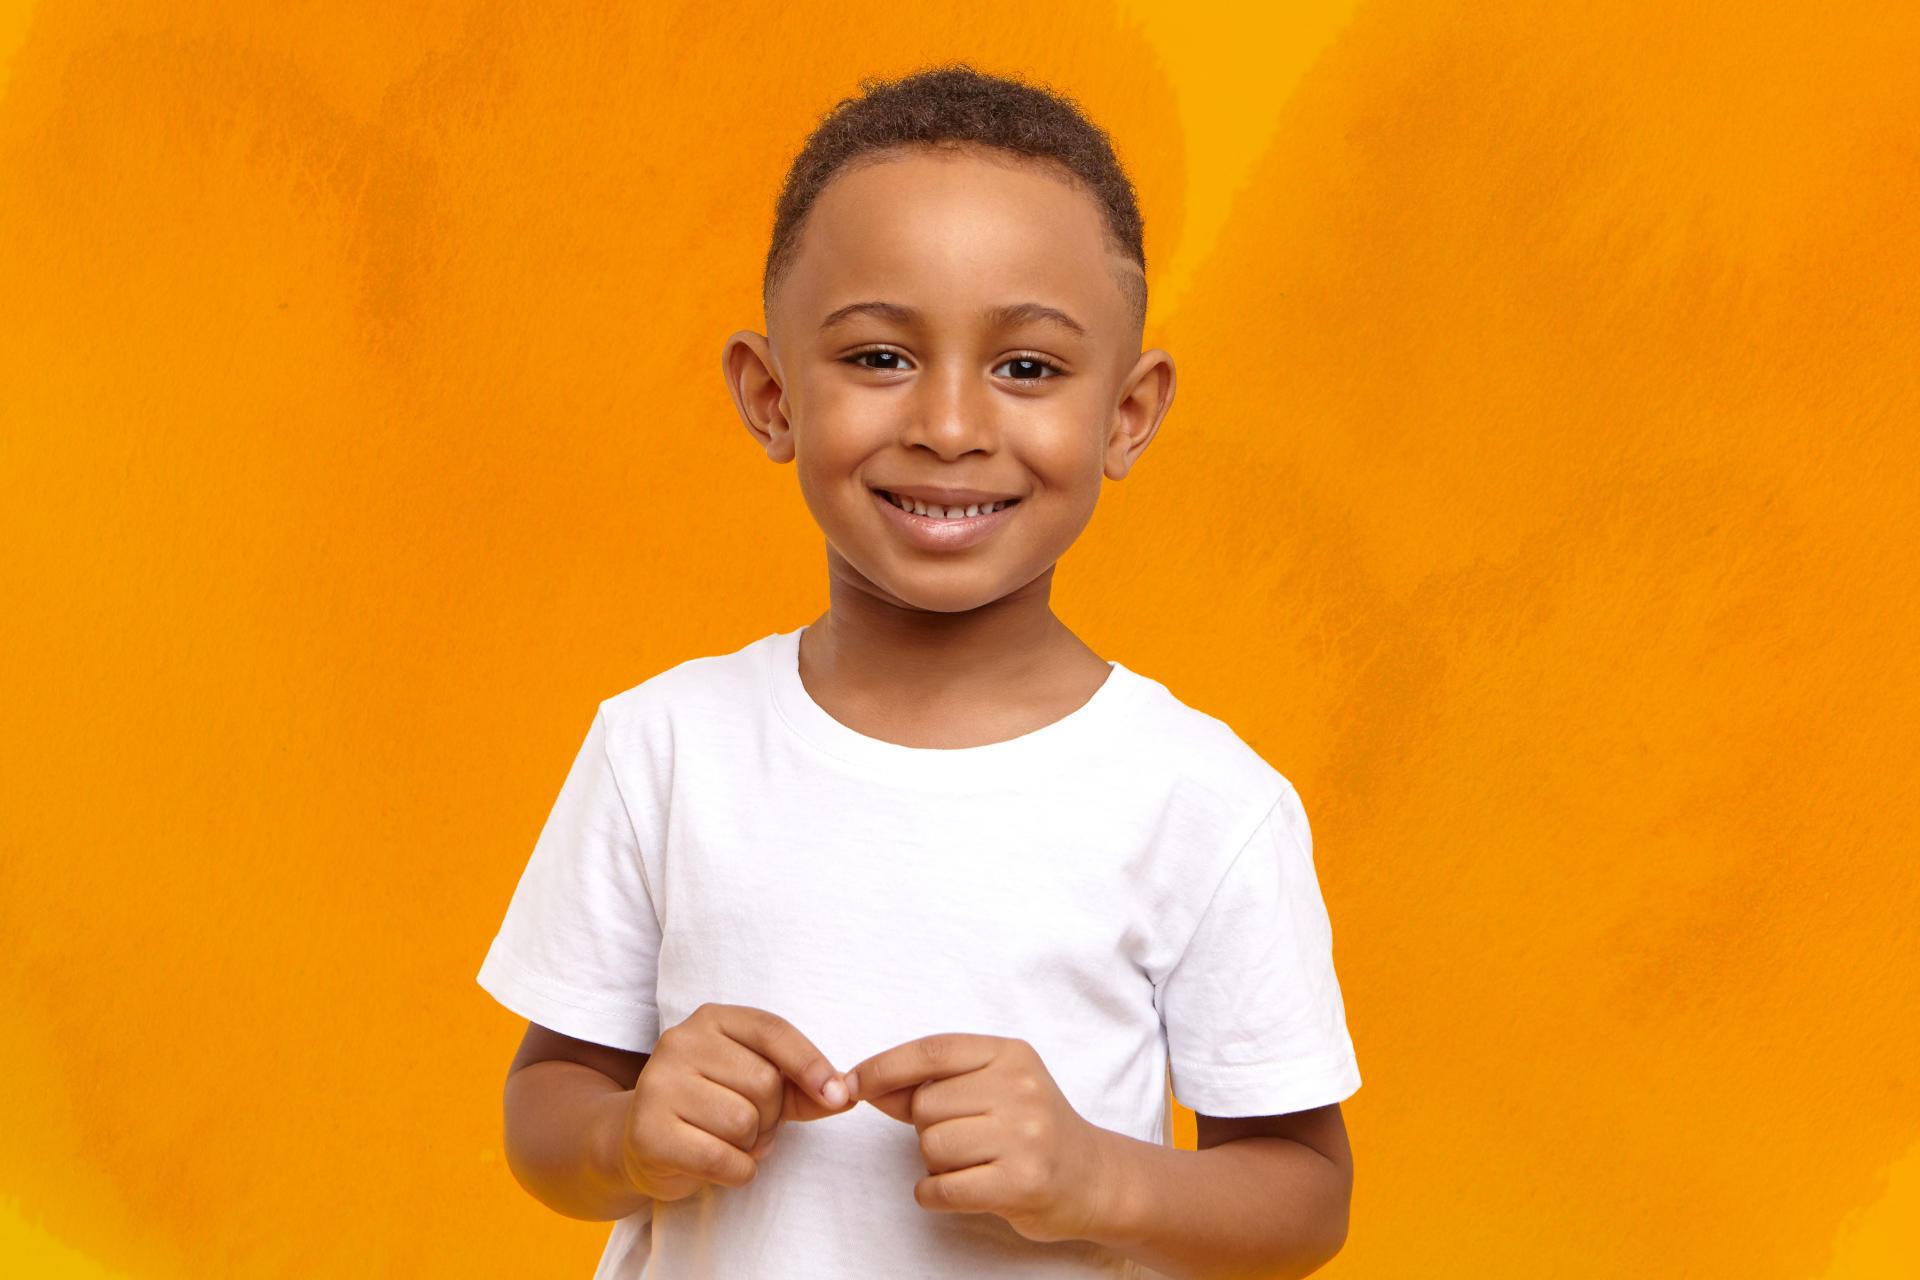 Children's oral care